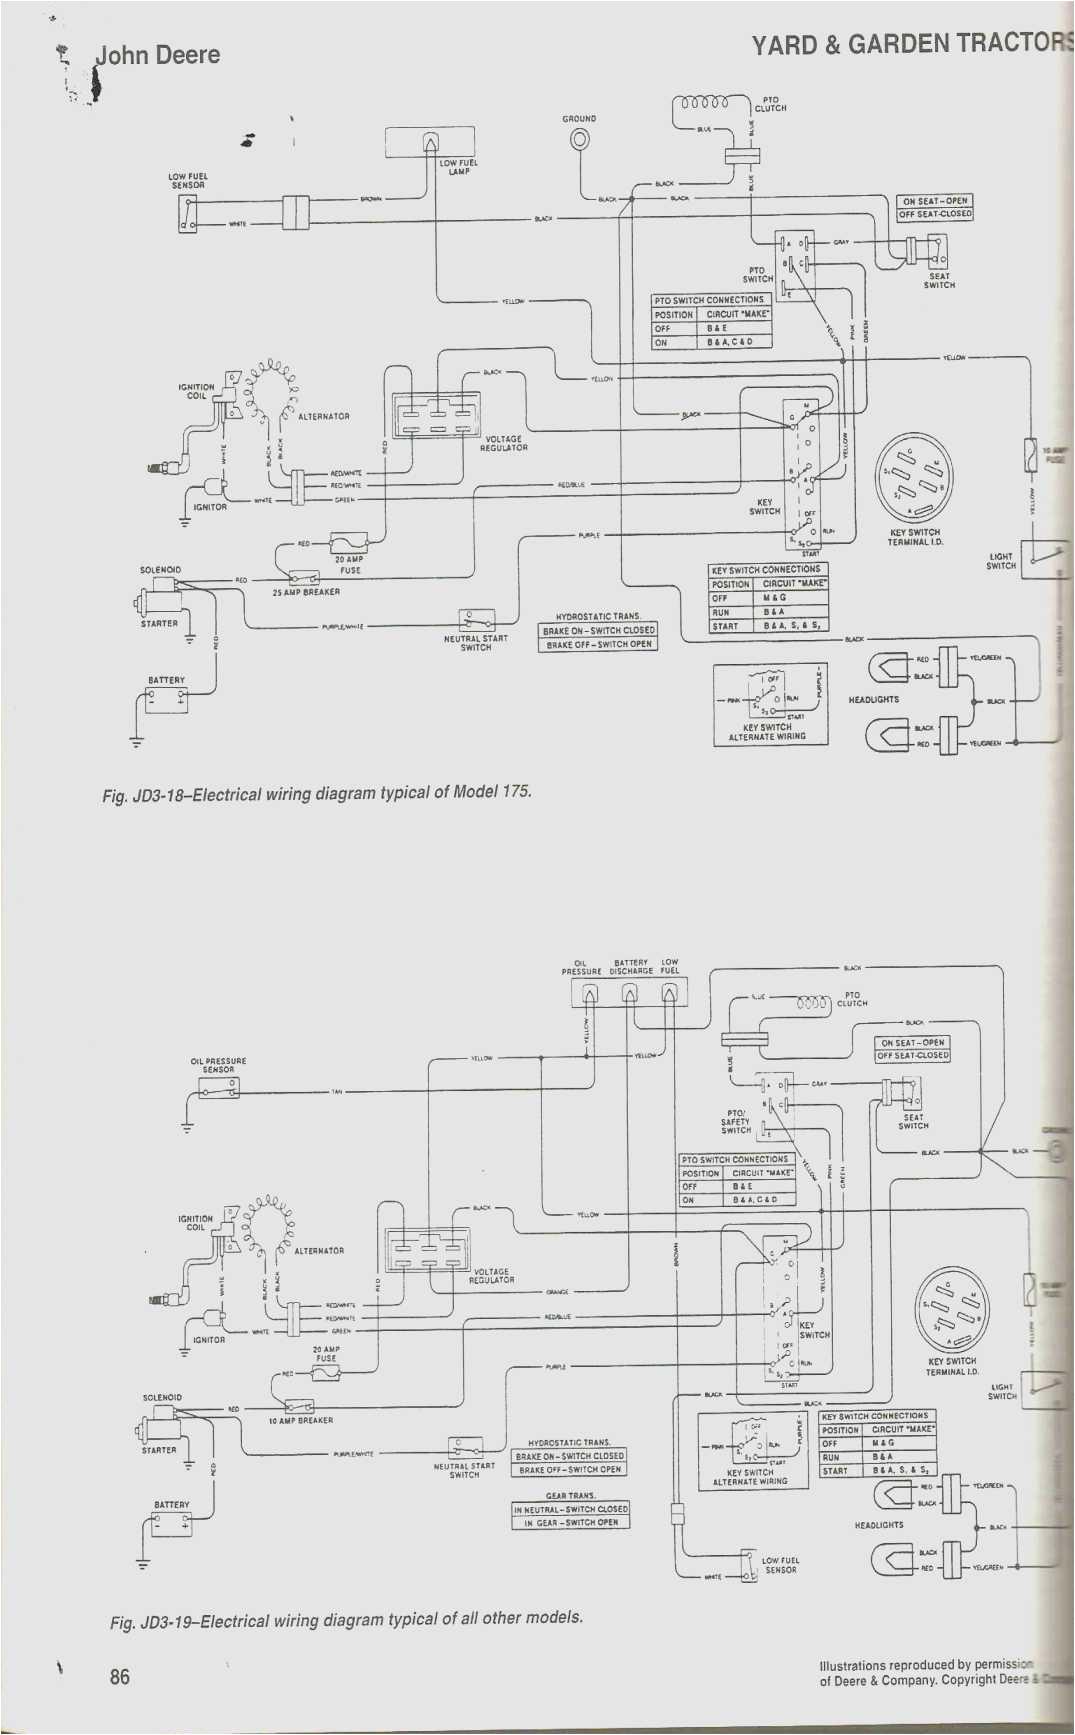 john deere wiring diagram download diagram john deere 111 wiring diagram of john deere wiring diagram download jpg